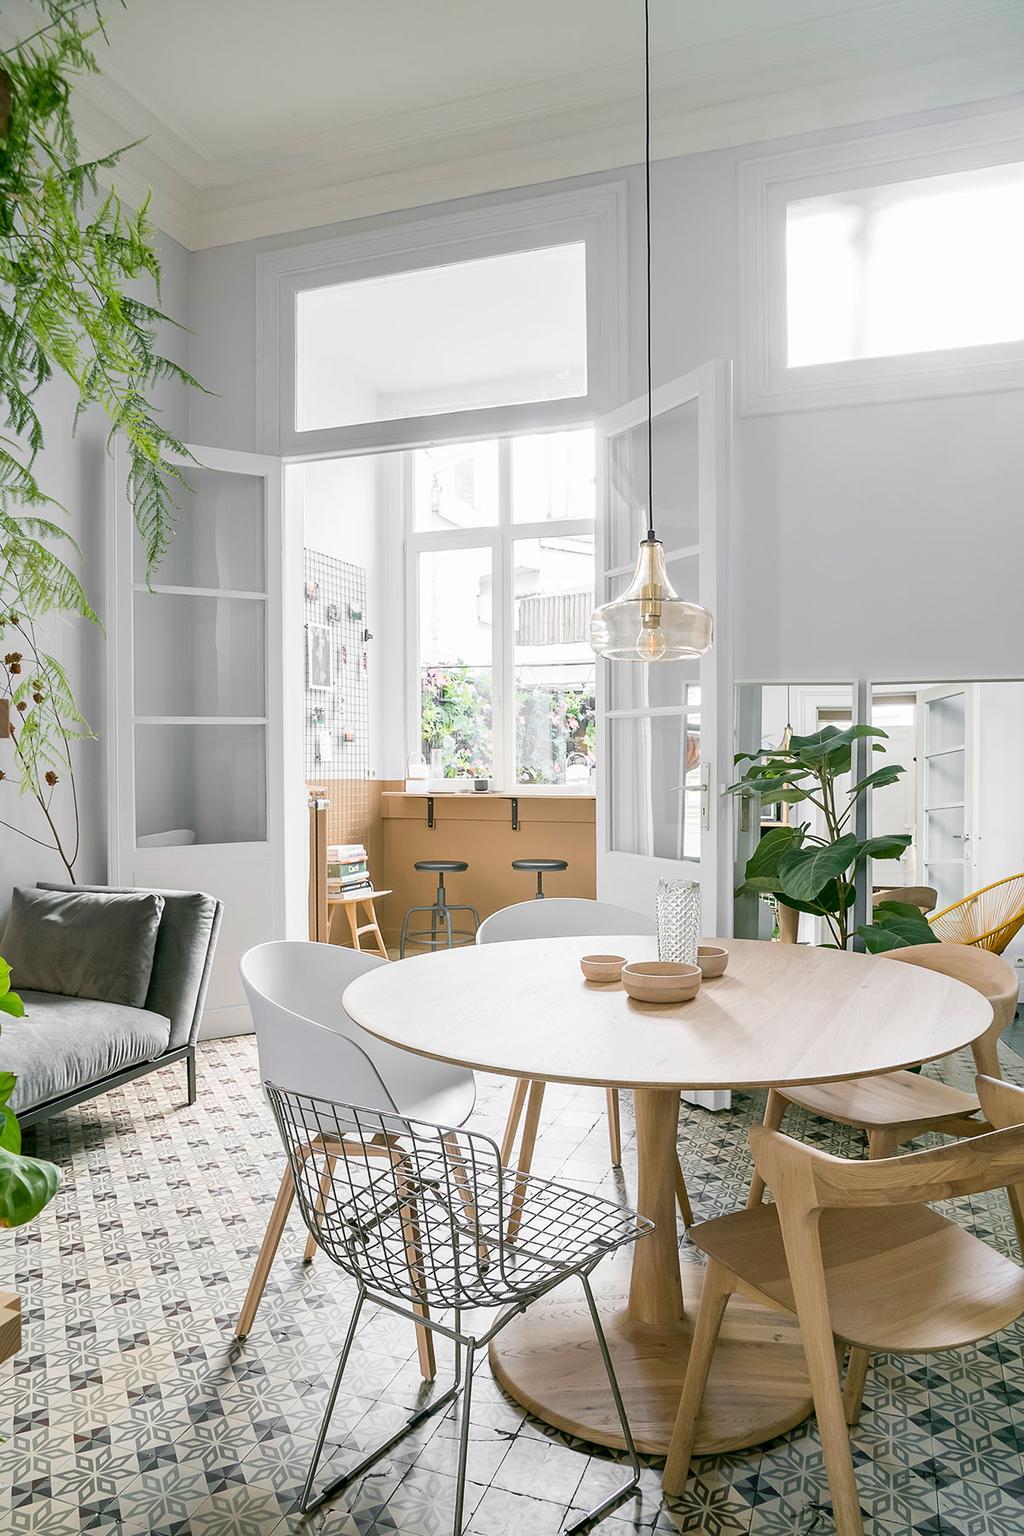 De hoge plafonds van Lukas en Katrien uit de tweede aflevering van het tweede seizoen van 'Een frisse start met vtwonen'.